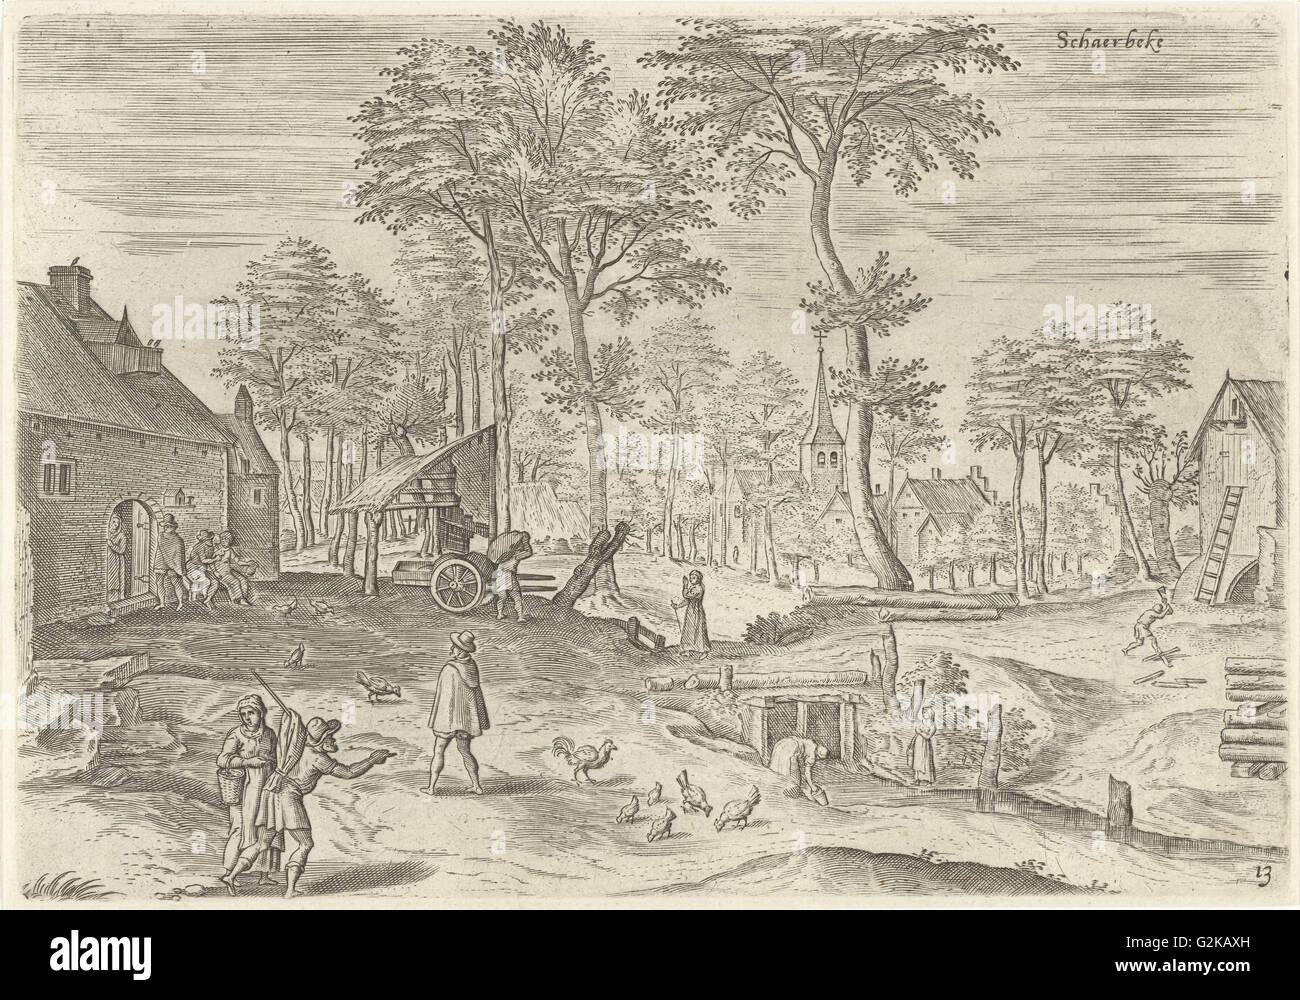 View of Schaerbeek Belgium, Hans Collaert I, Hans Bol, Claes Jansz. Visscher II, 1530 - 1580 - Stock Image